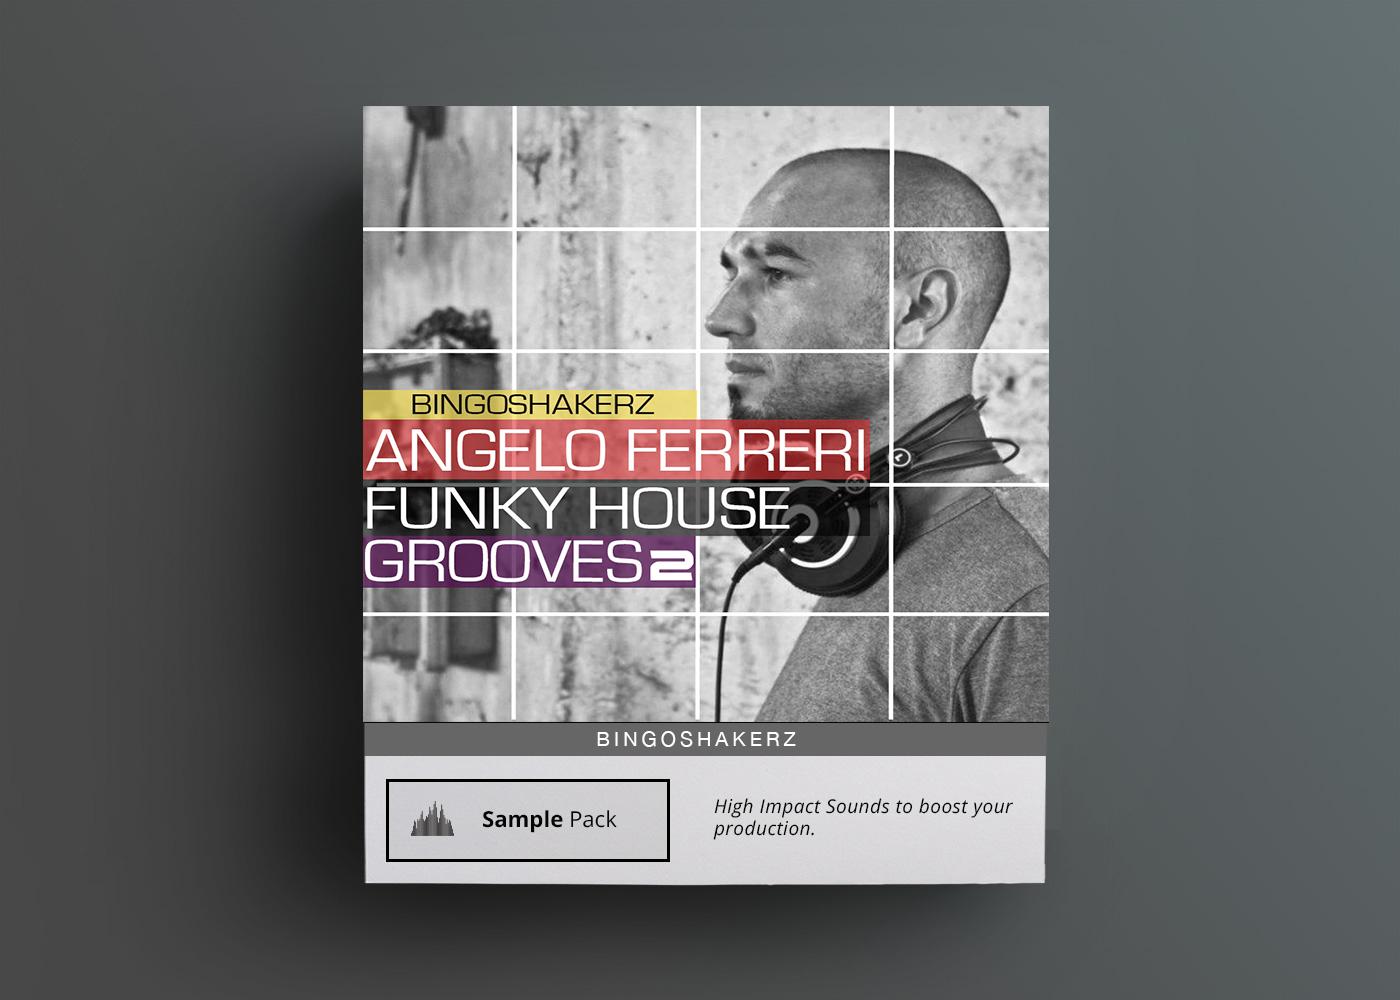 Bingoshakerz angelo ferreri funky house grooves 2 for Funky house classics